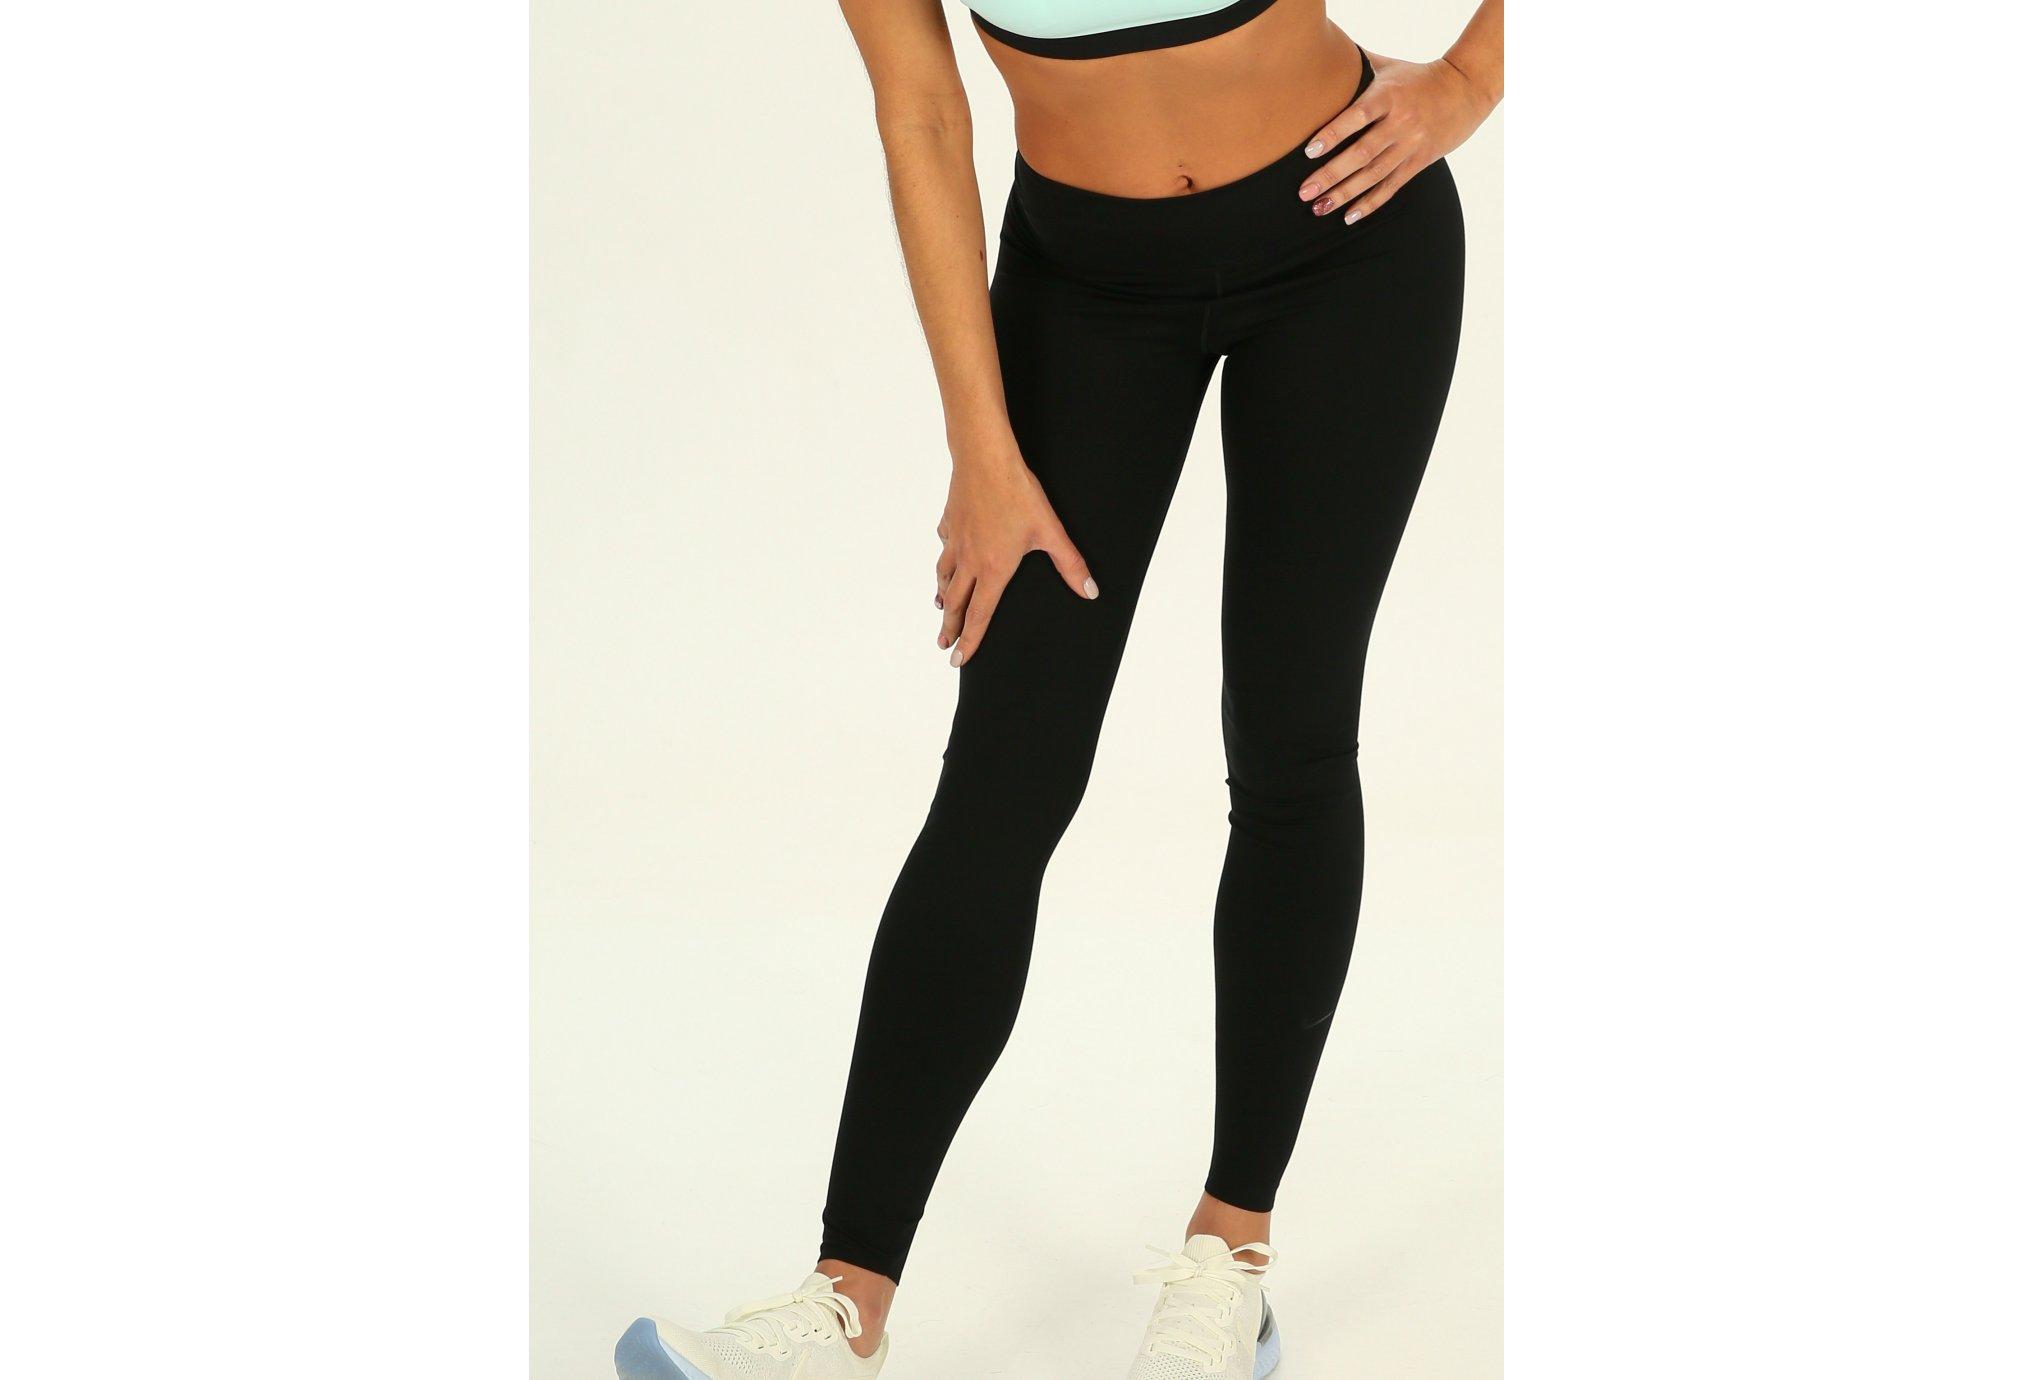 Nike Mallas 7/8 One Luxe vêtement running femme